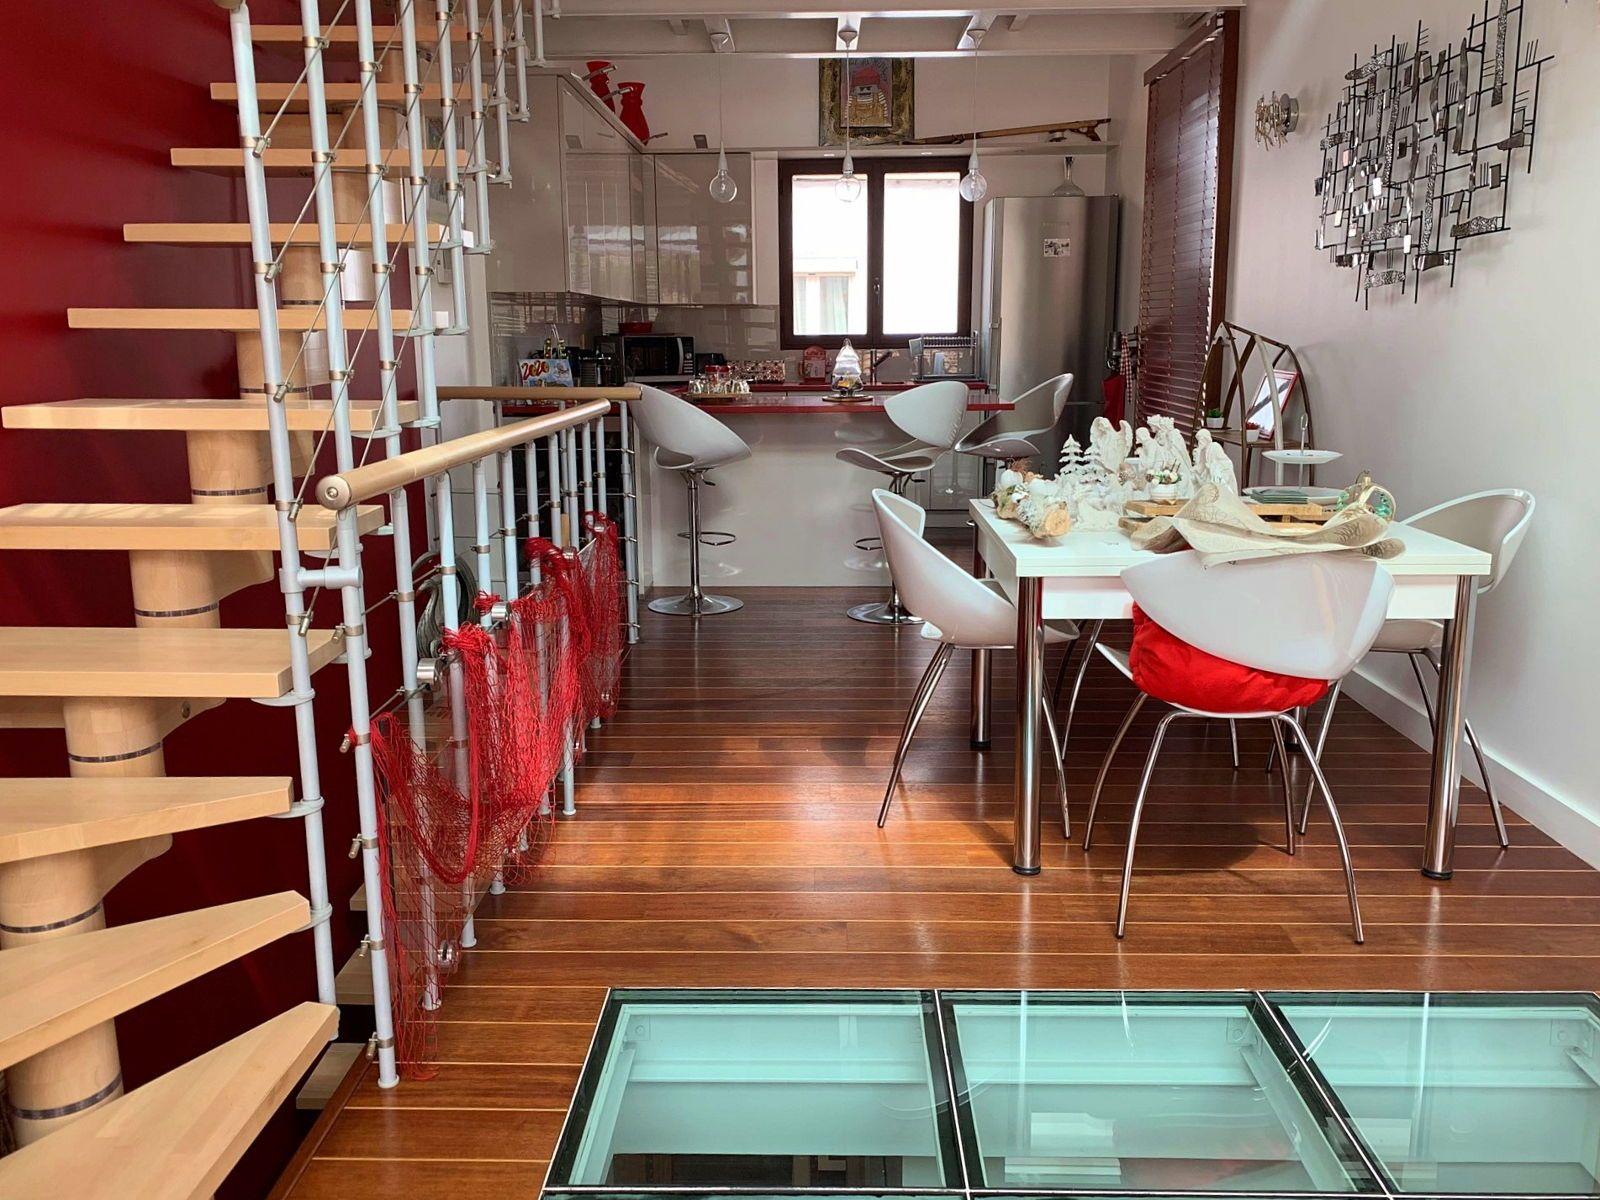 Vends Maison de Pêcheurs à Sète - 2chambres, 110m²